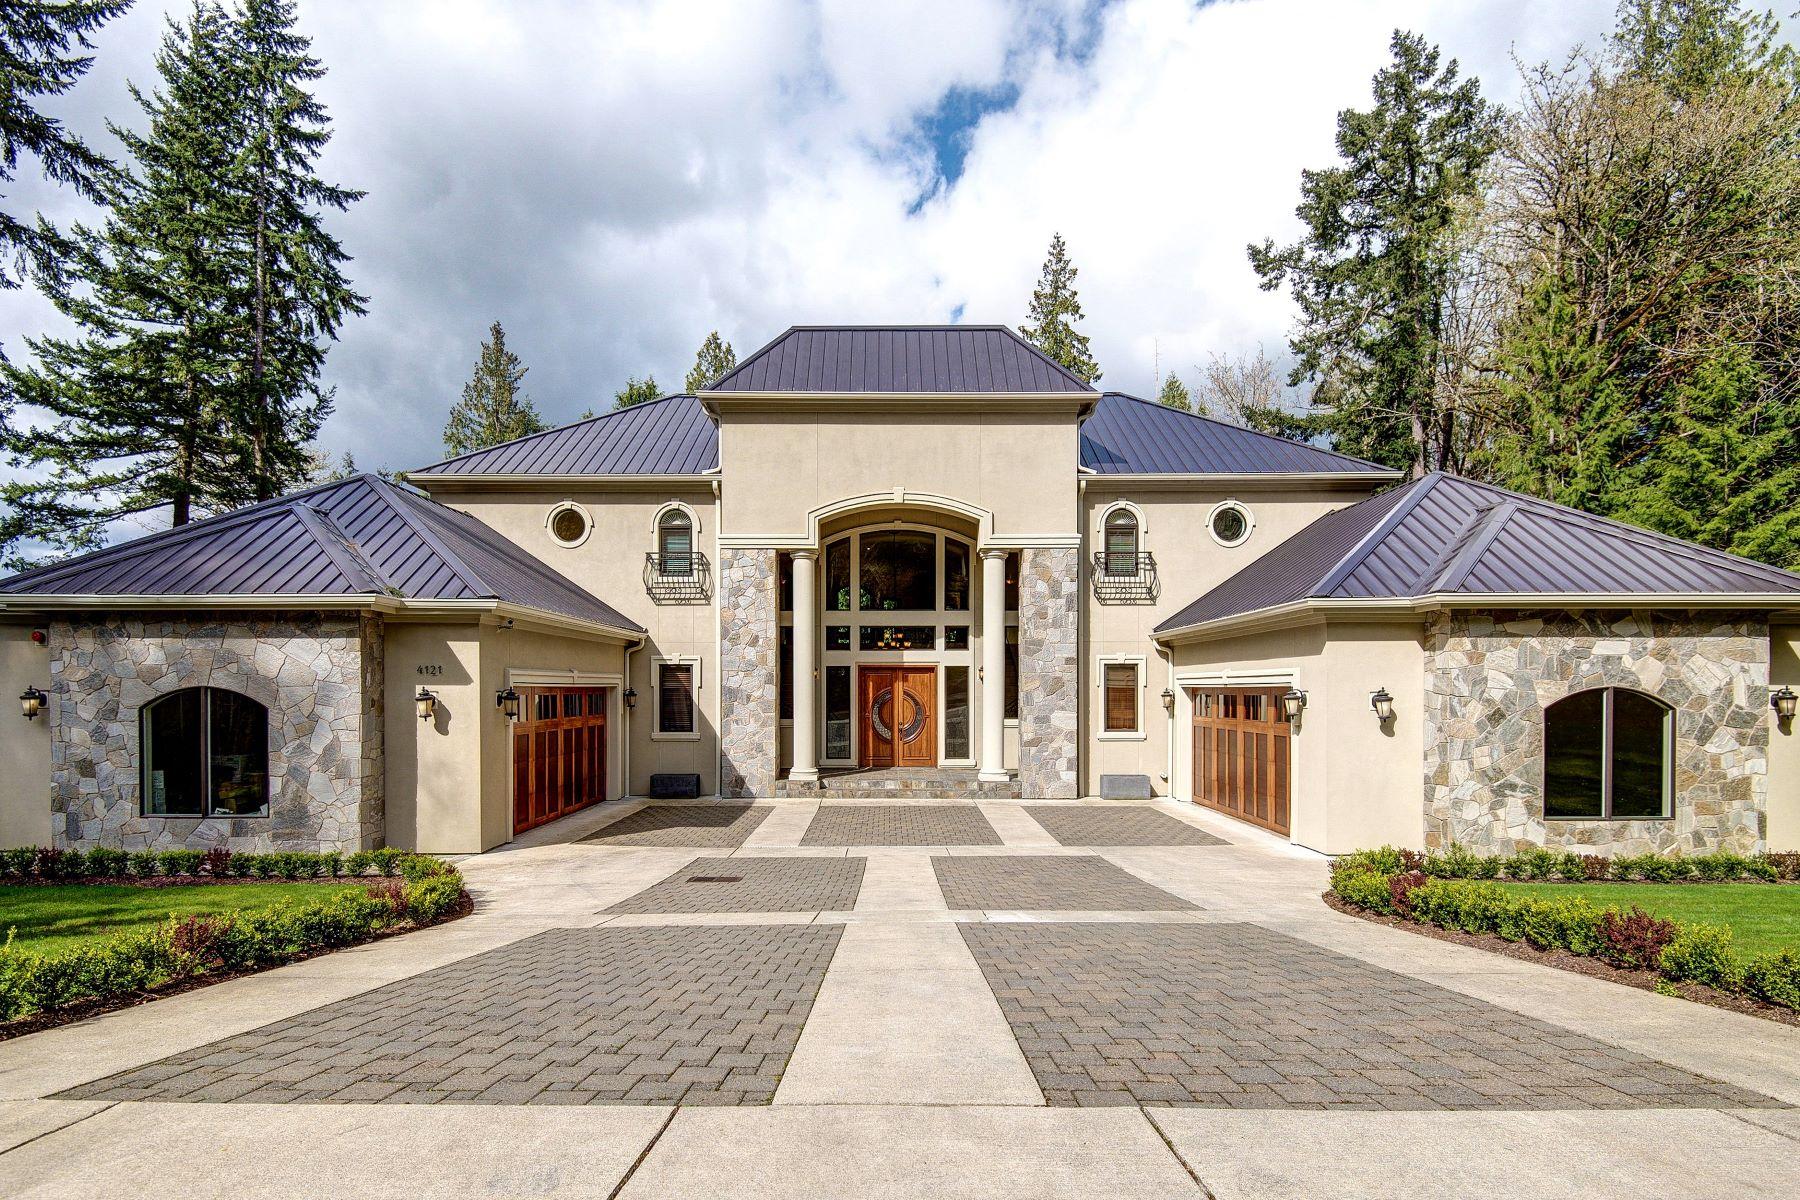 Casa Unifamiliar por un Venta en Tuscan Elegance in Sammamish 4121 198th Court NE Sammamish, Washington 98074 Estados Unidos